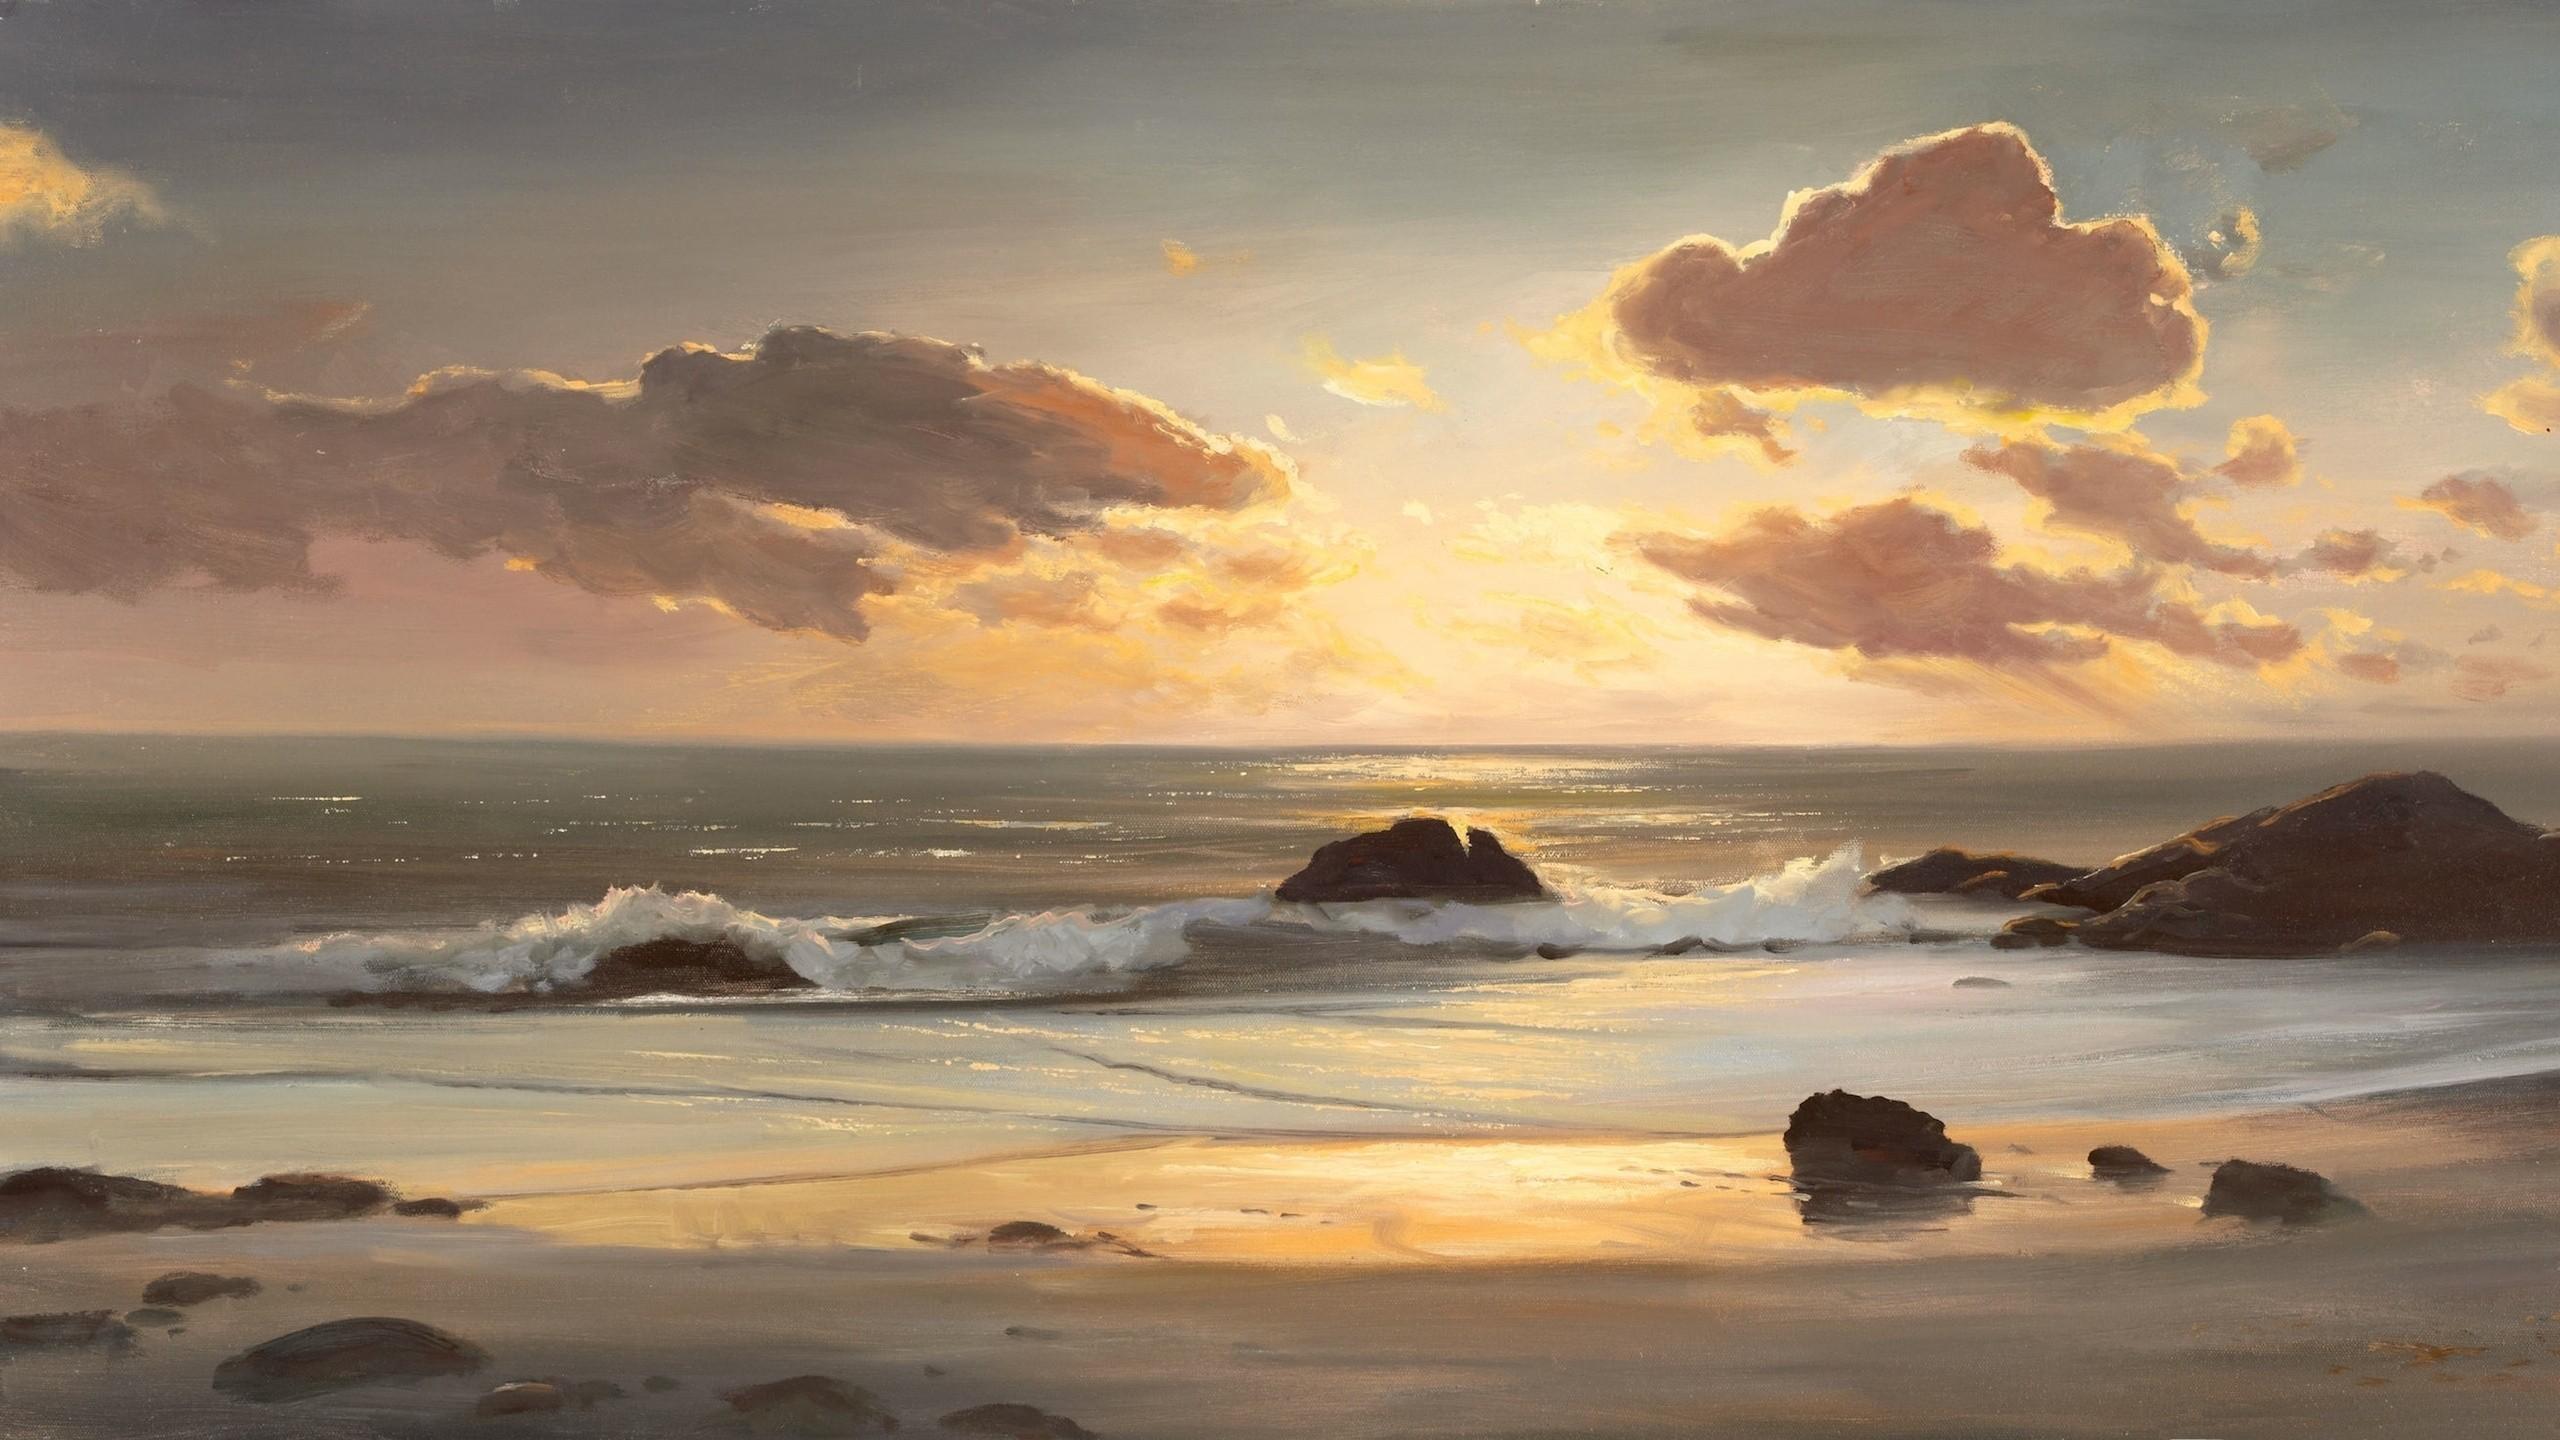 Res: 2560x1440, Twilight beach sunset wallpaper